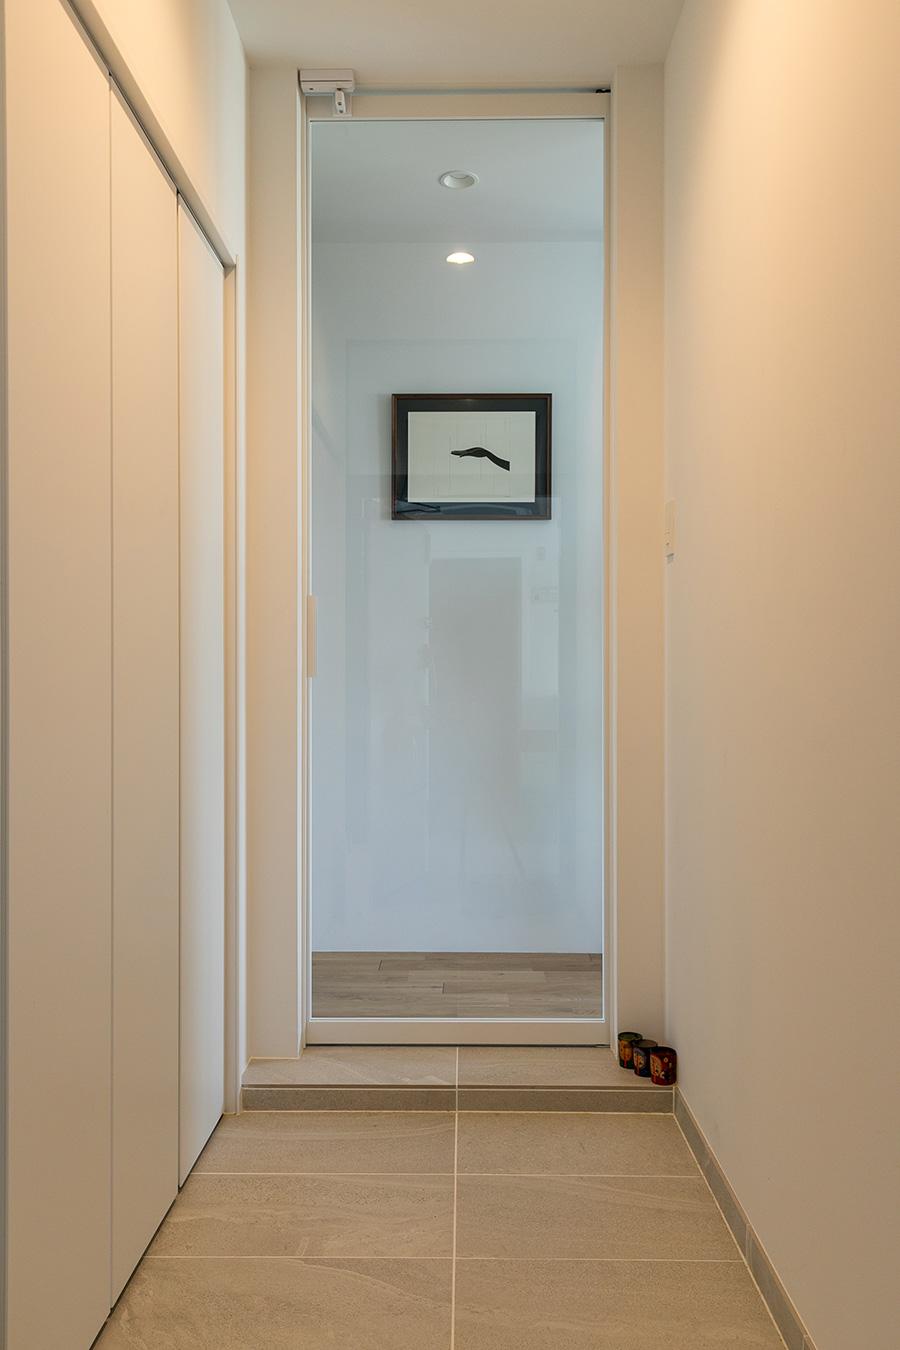 子どもと帰ってきた時や、たくさんの来客時に対応できるよう、玄関のたたきを伸ばして広くした。正面に飾られたグラフィックデザイナーの小林一毅による作品がリビングを指す。